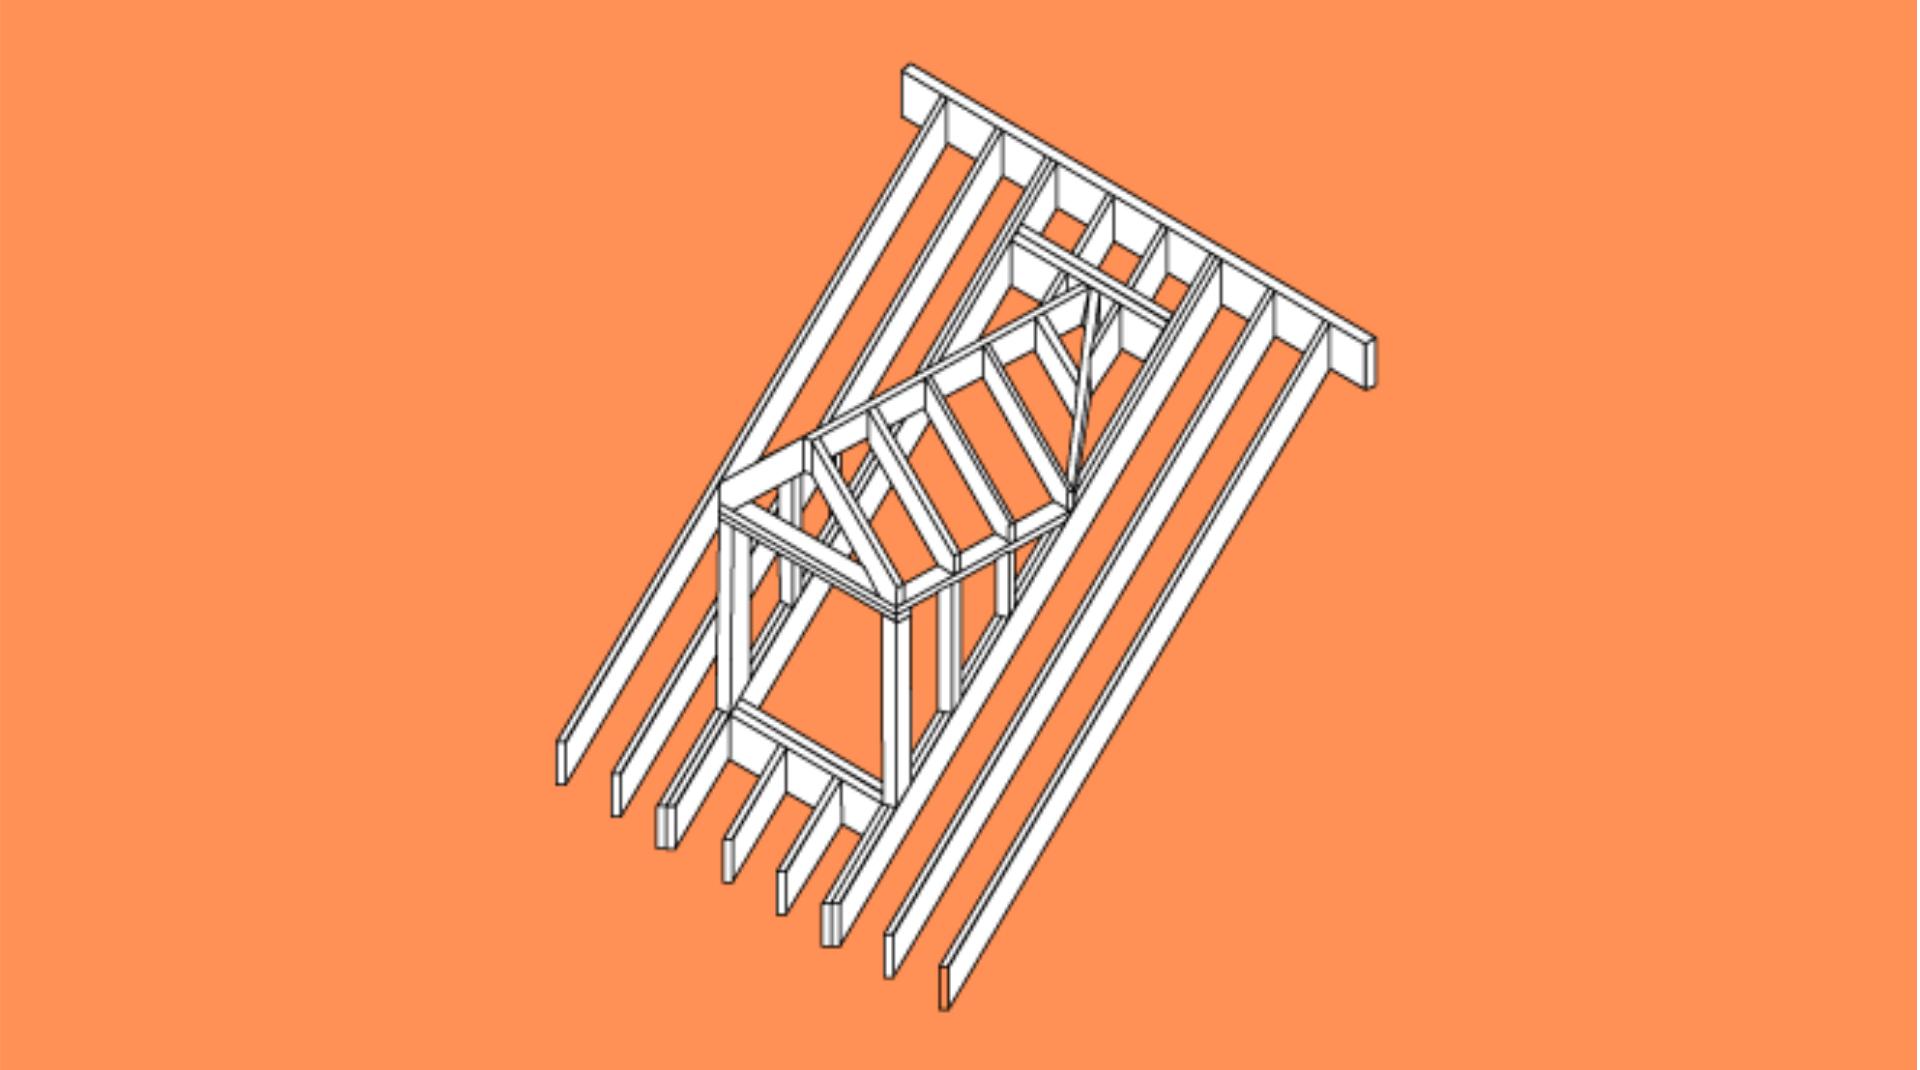 Schema Satteldachgaube im Dach